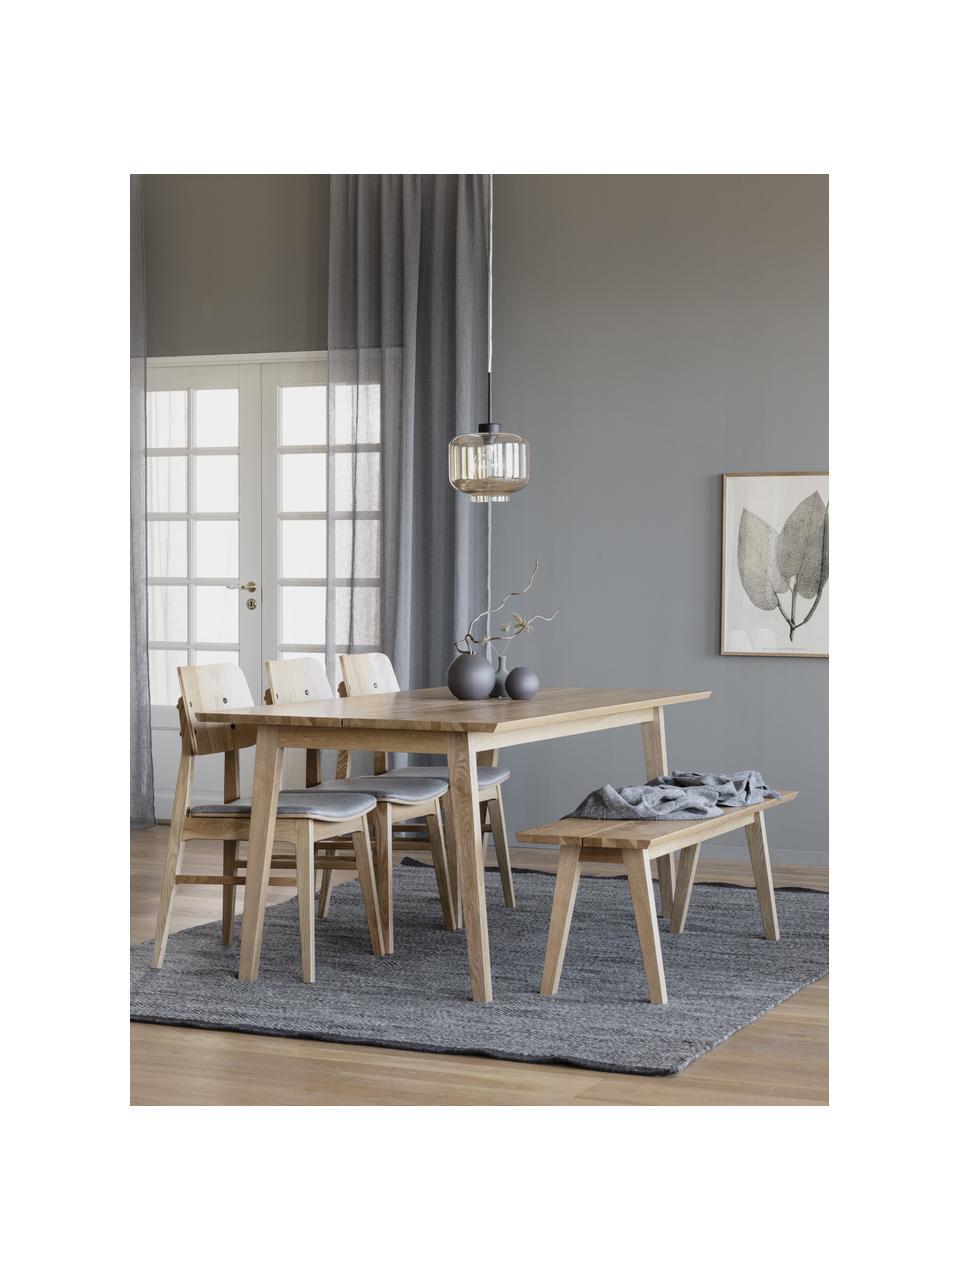 Esstisch Melfort in Hellbraun, Tischplatte: Mitteldichte Holzfaserpla, Beine: Birkenholz, massiv mit Ei, Hellbraun, B 180 x T 90 cm